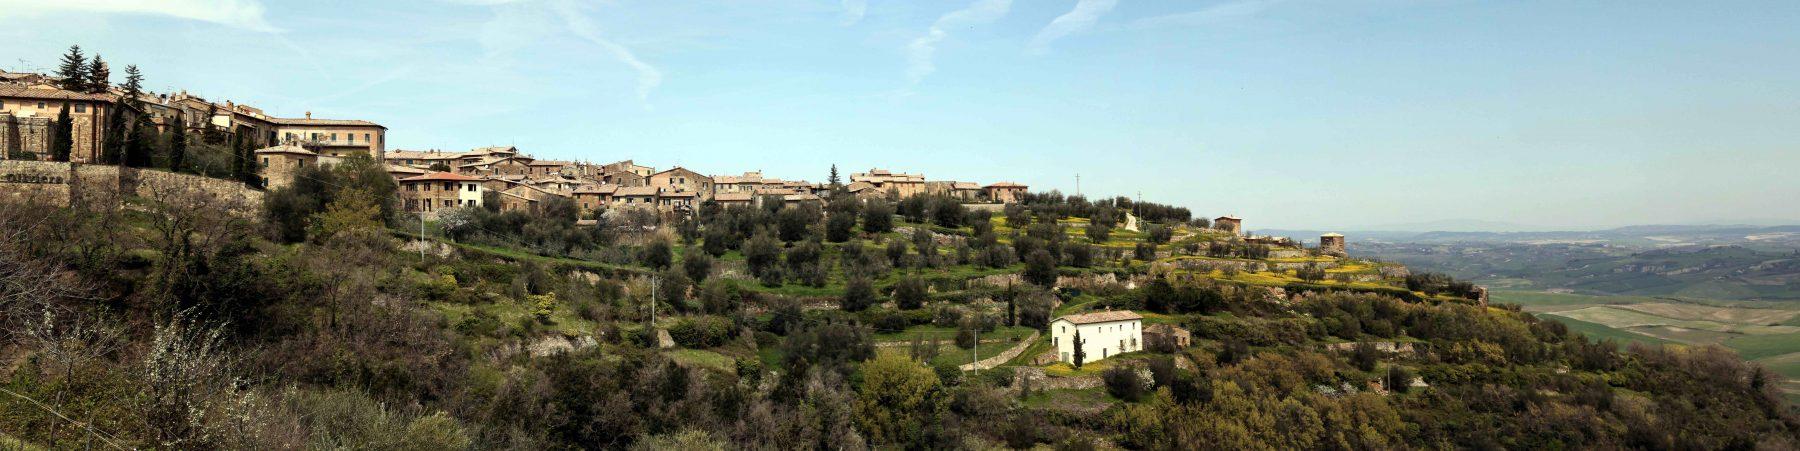 Frühling in der Toskana, Montalcino, Italien, Christian von Stosch